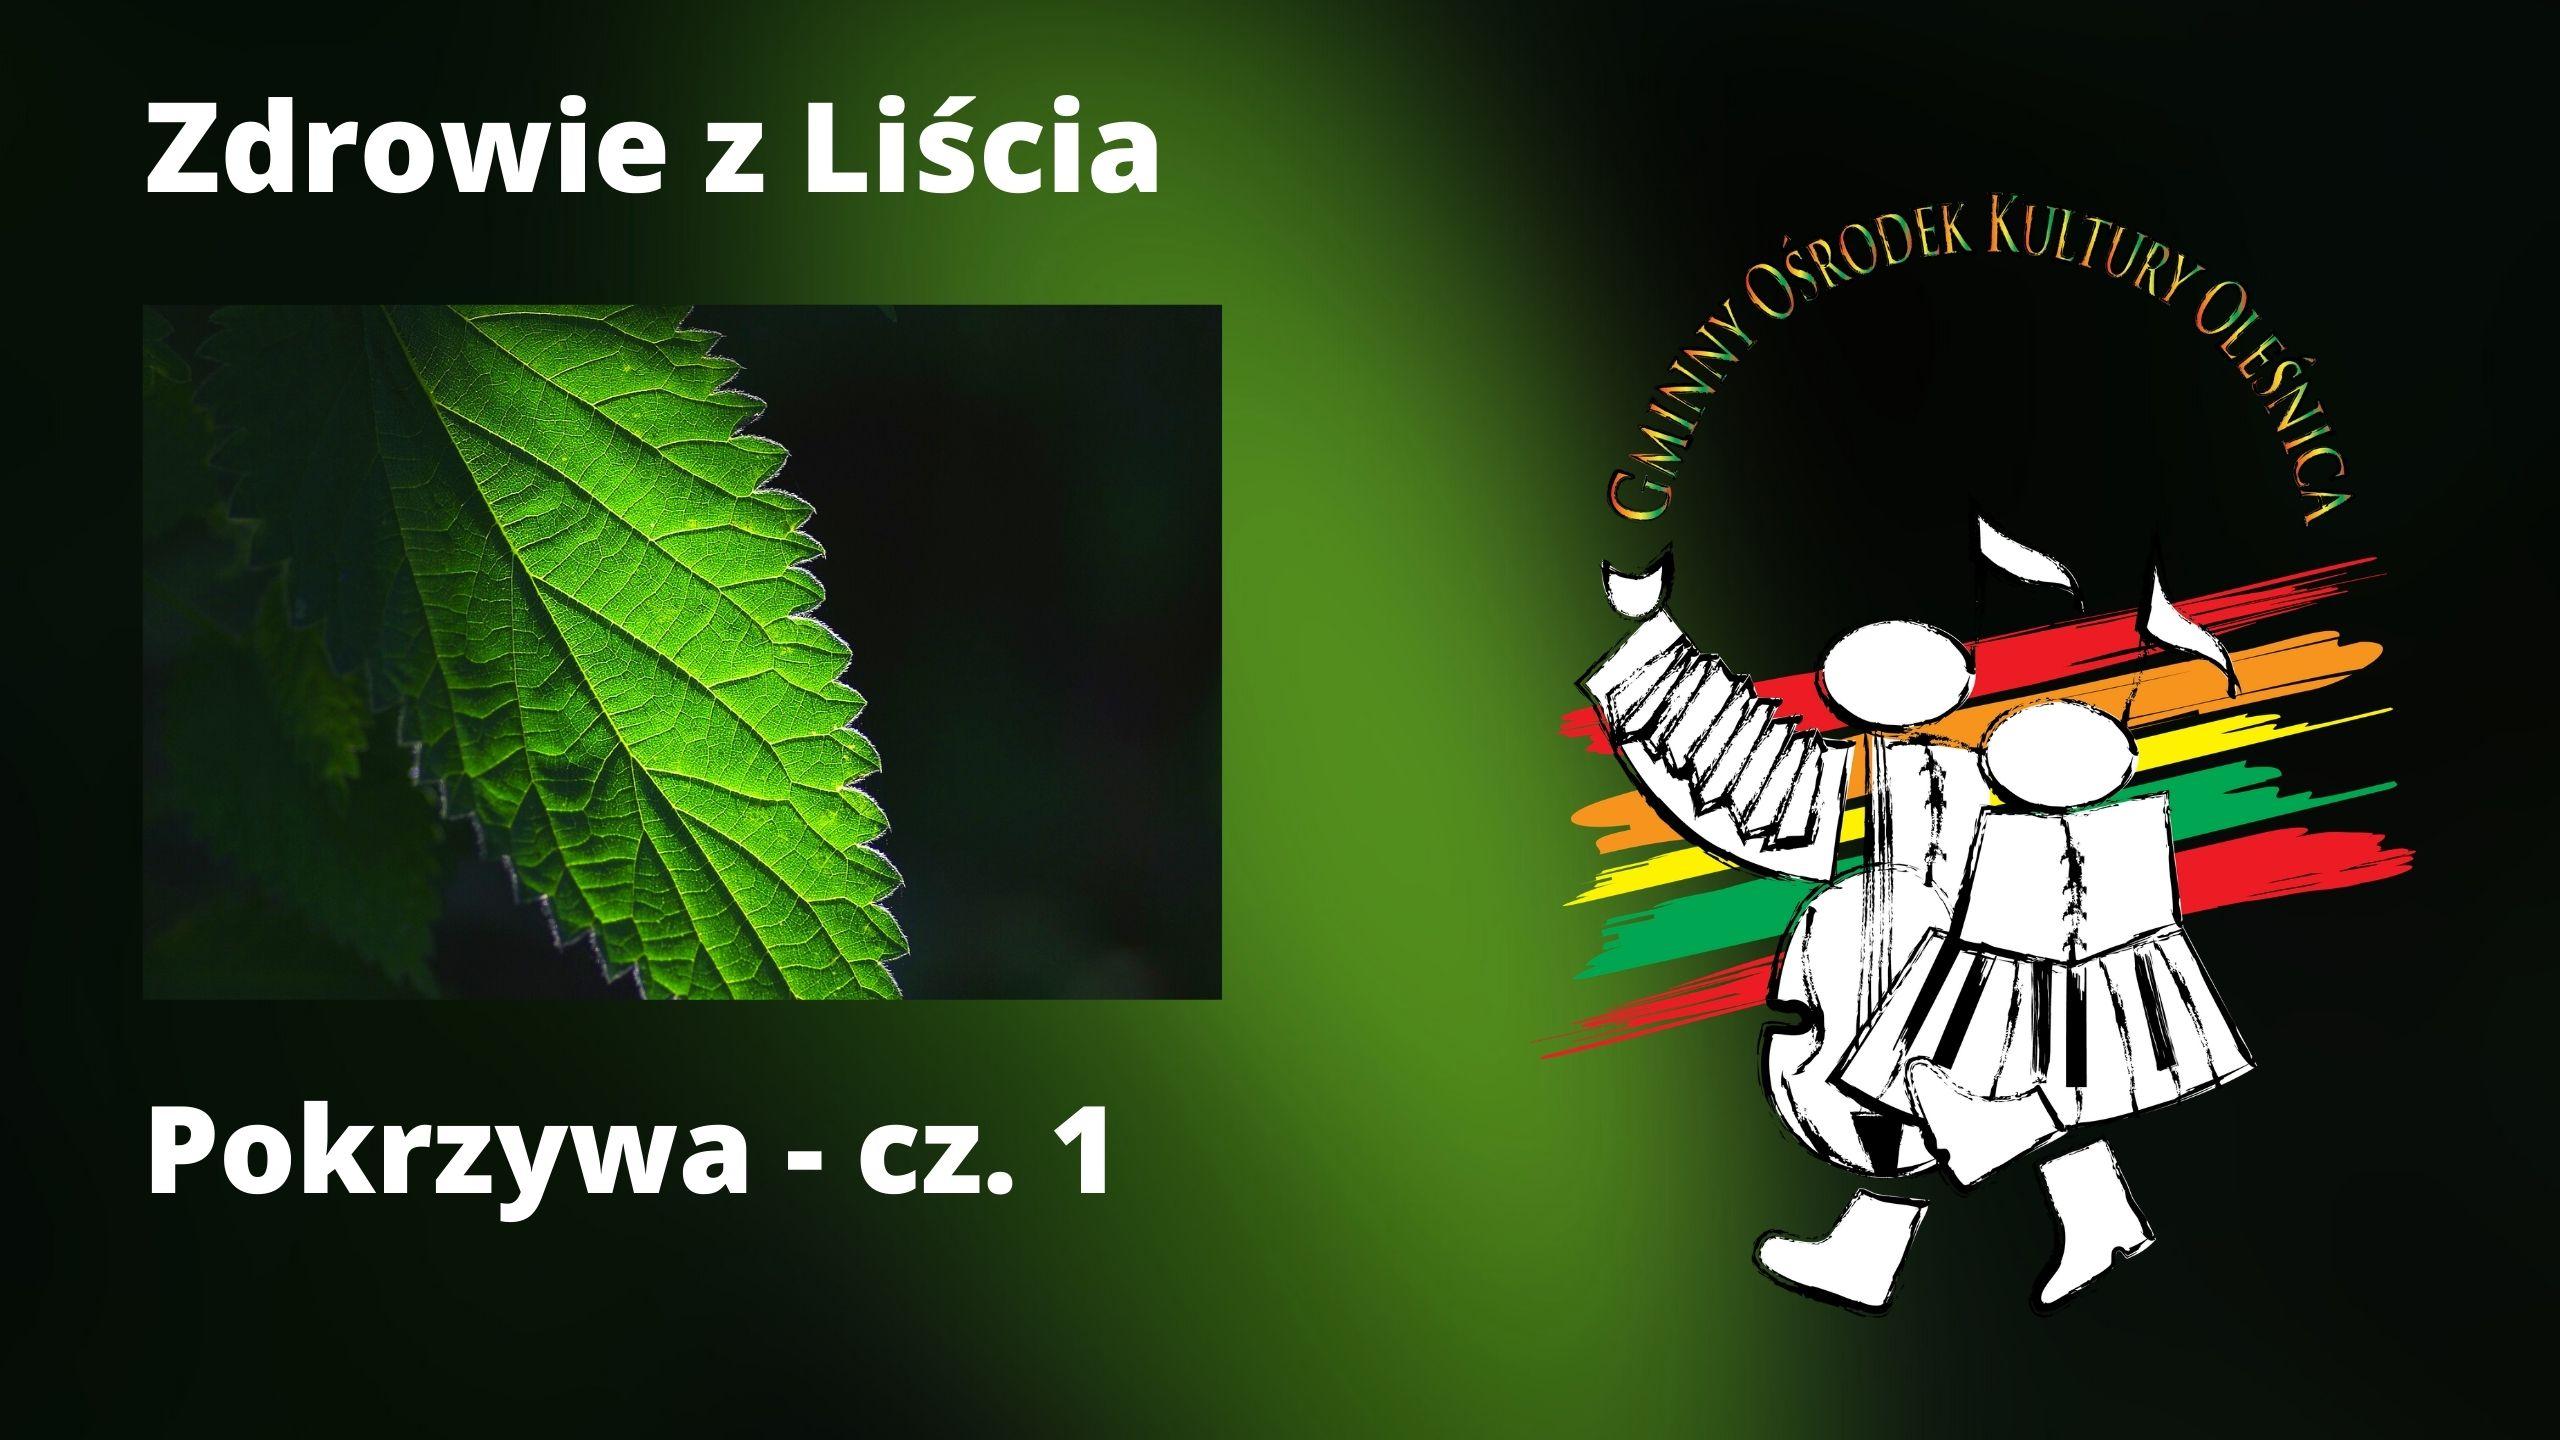 Zdowie z Liścia - pokrzywa cz. 1